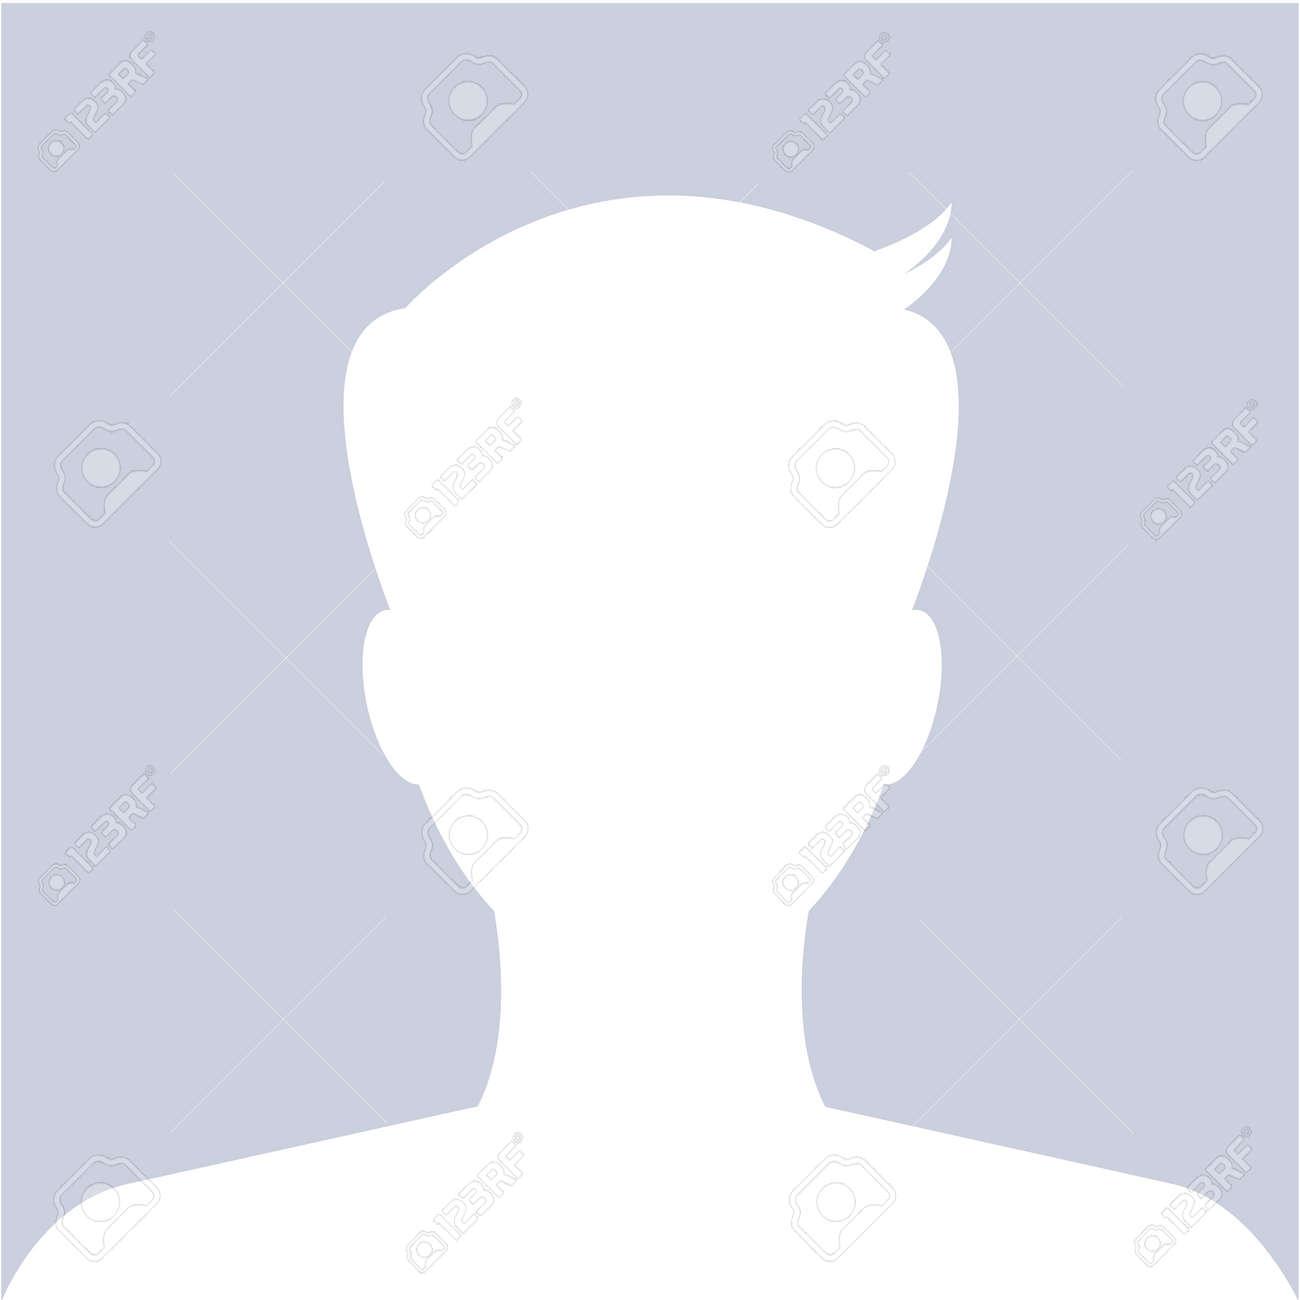 Mannlich Avatar Profilbild Einsatz Fur Soziale Website Vector Lizenzfrei Nutzbare Vektorgrafiken Clip Arts Illustrationen Image 30818238